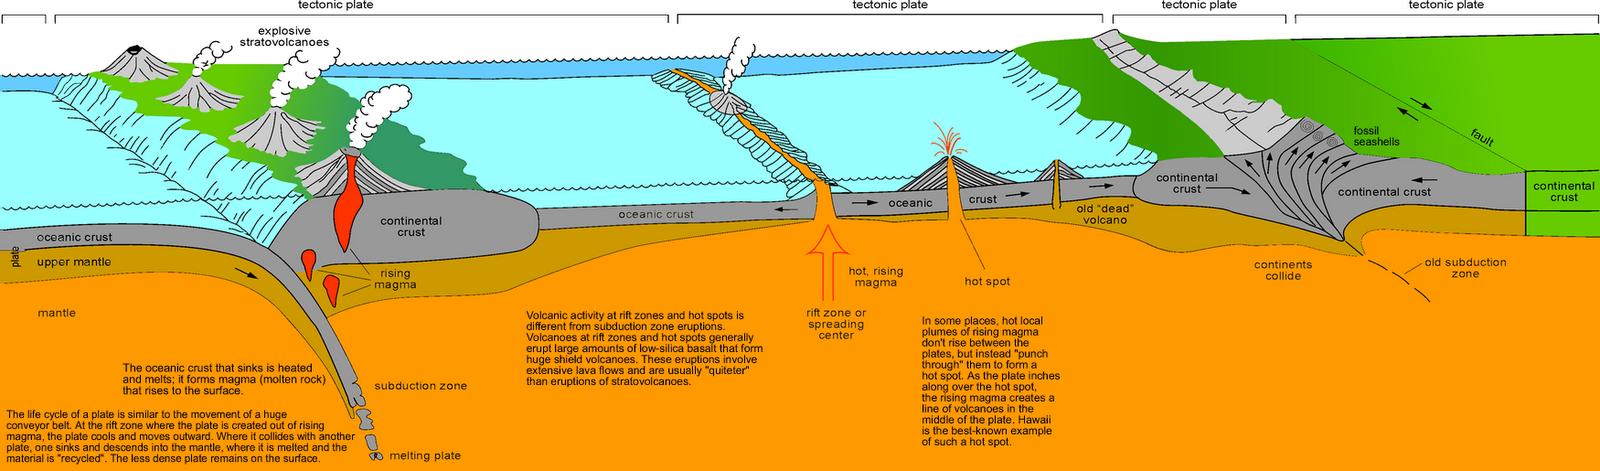 geografia e luta limites entre placas